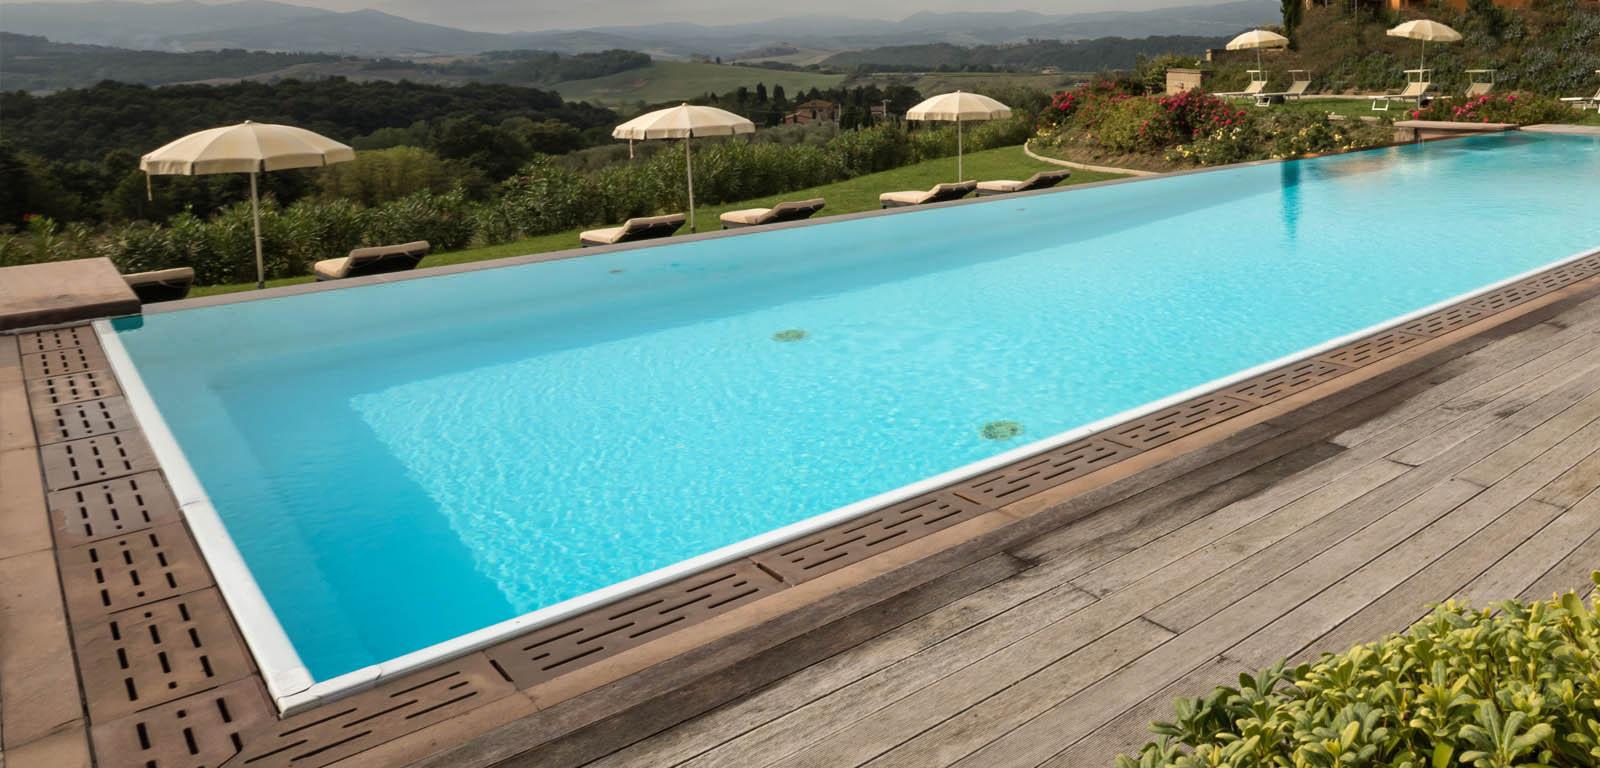 Piscine per giardini piscine with piscine per giardini for Piscine per piccoli giardini